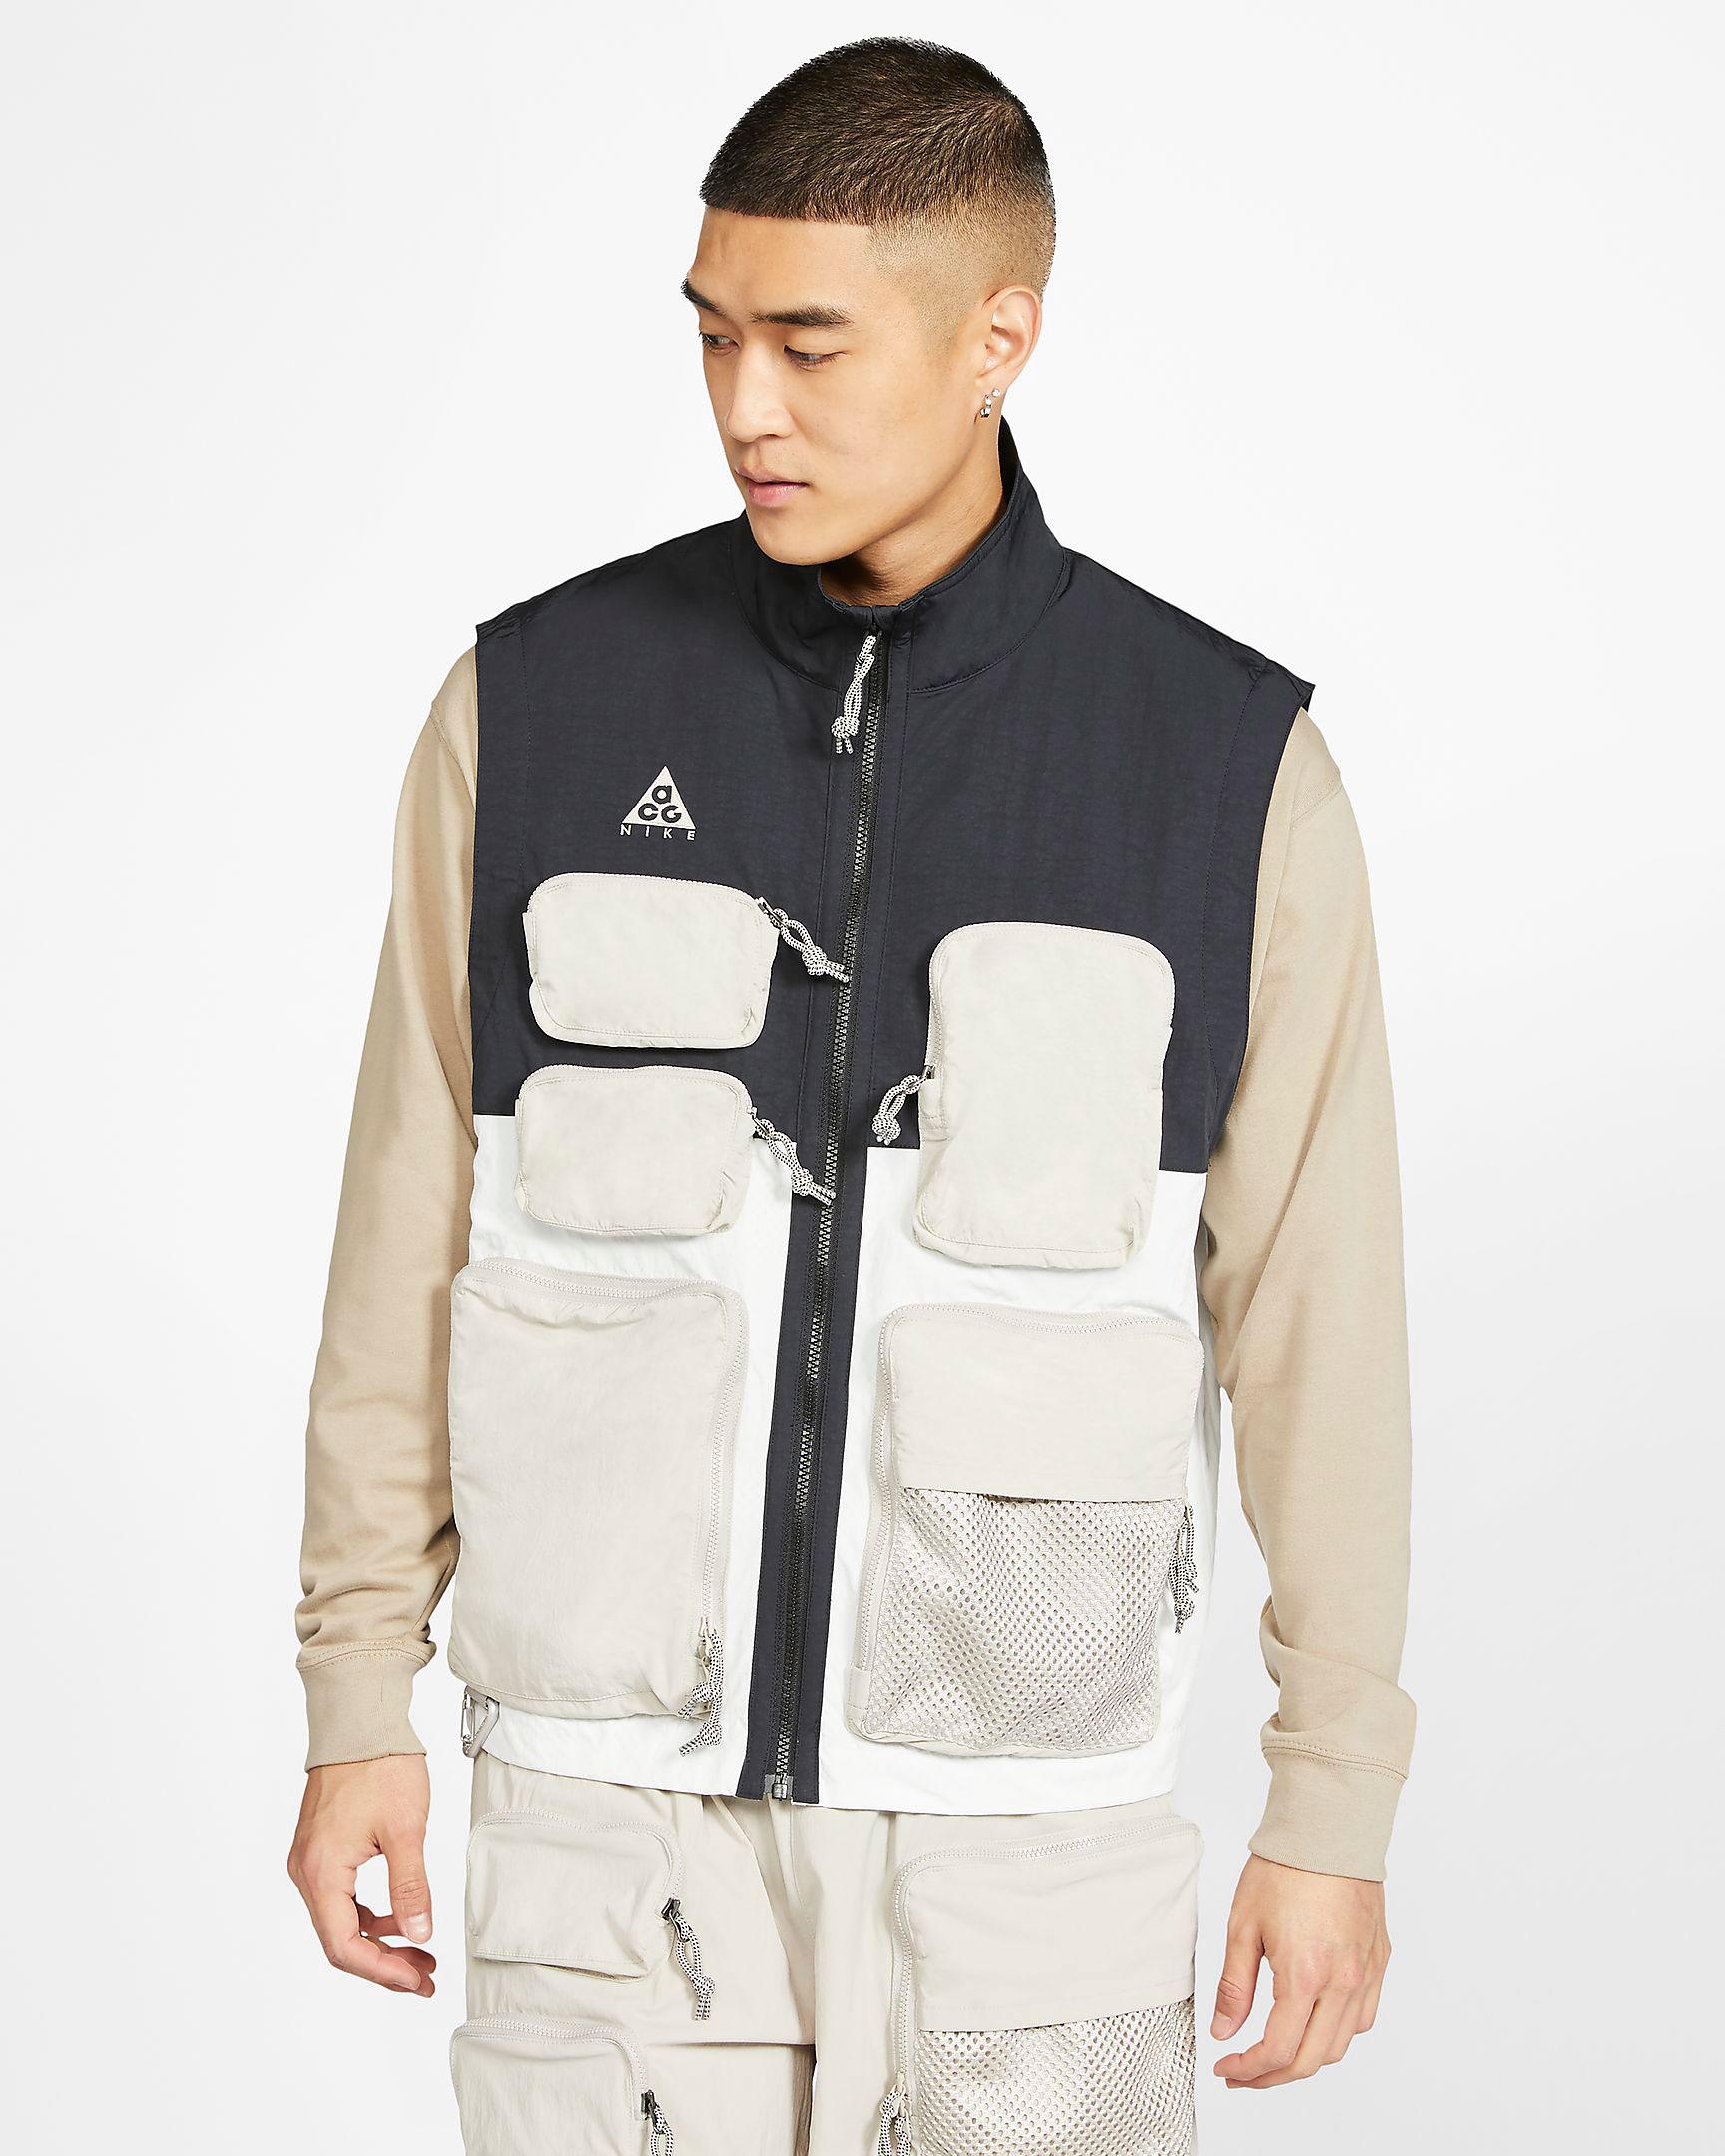 nike-acg-vest-white-black